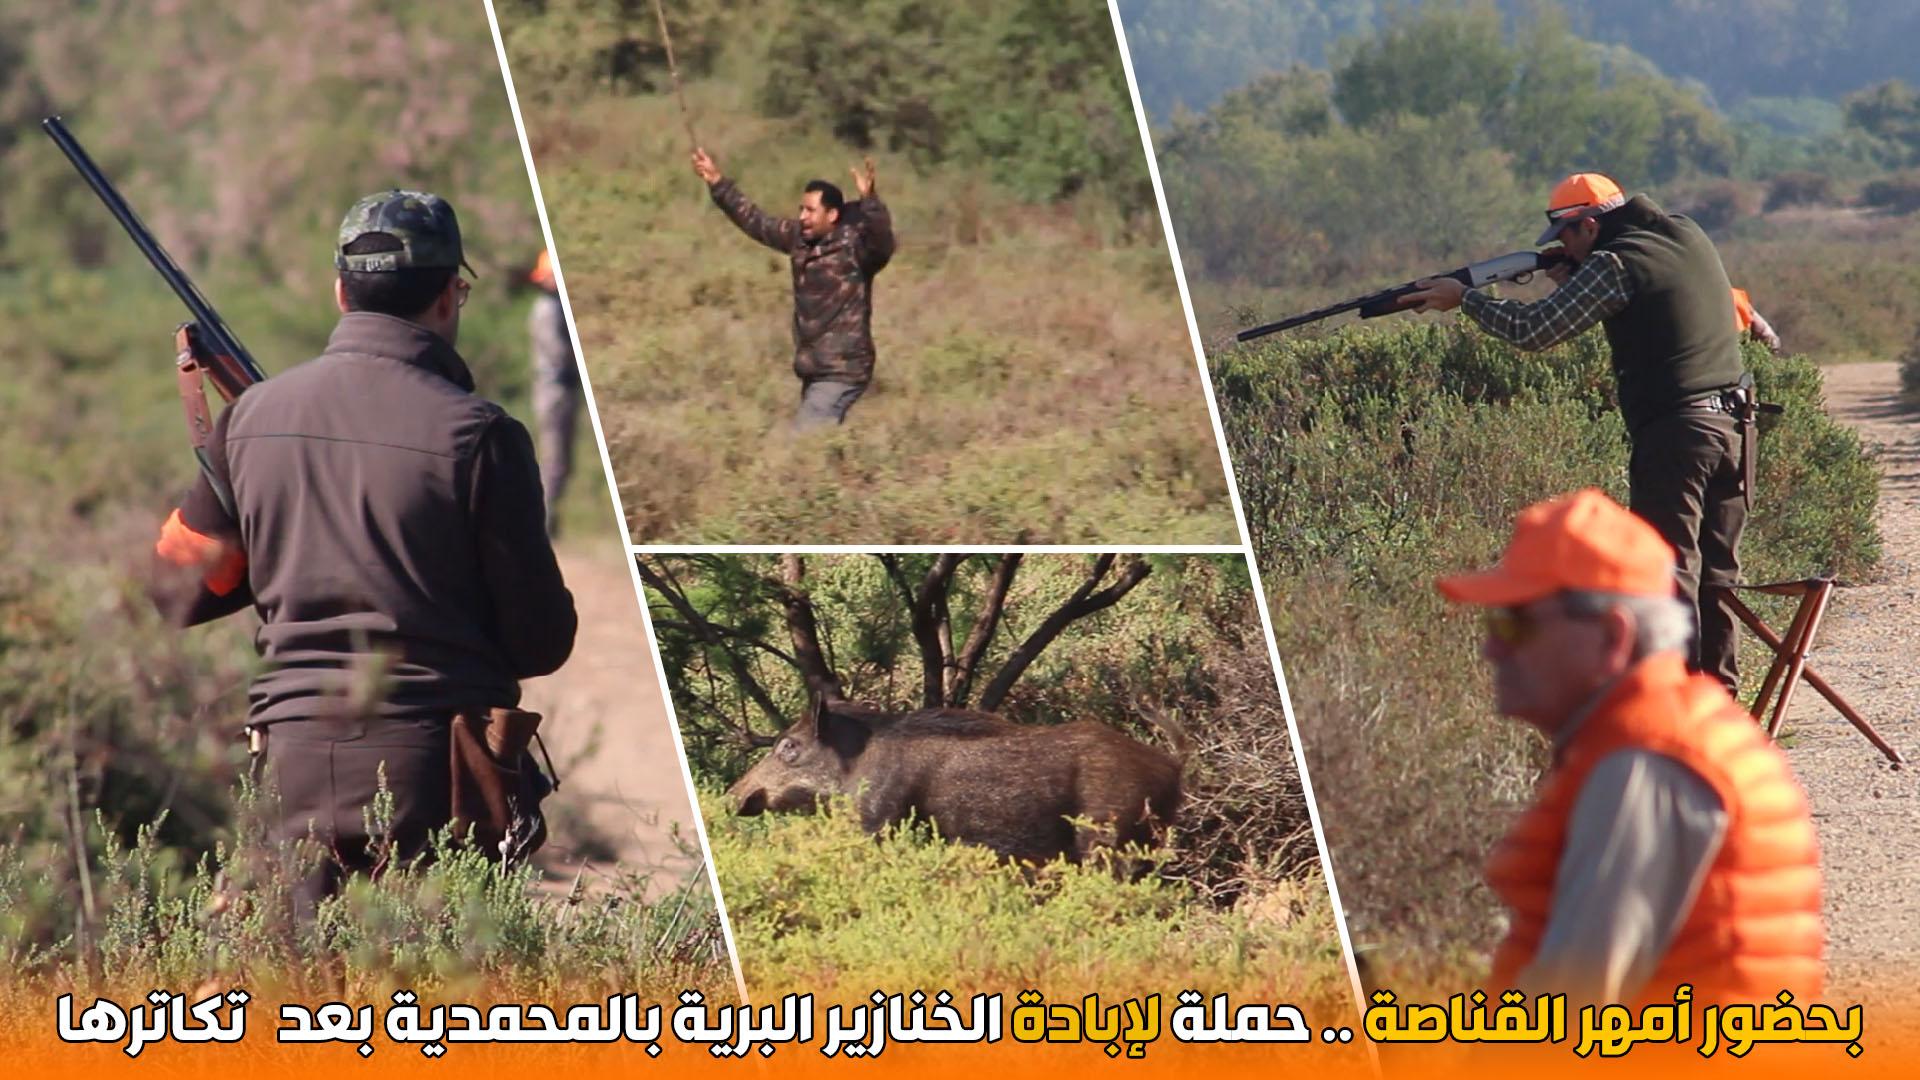 بحضور أمهر القناصة .. حملة لإبادة الخنازير البرية بالمحمدية بعد تكاترها